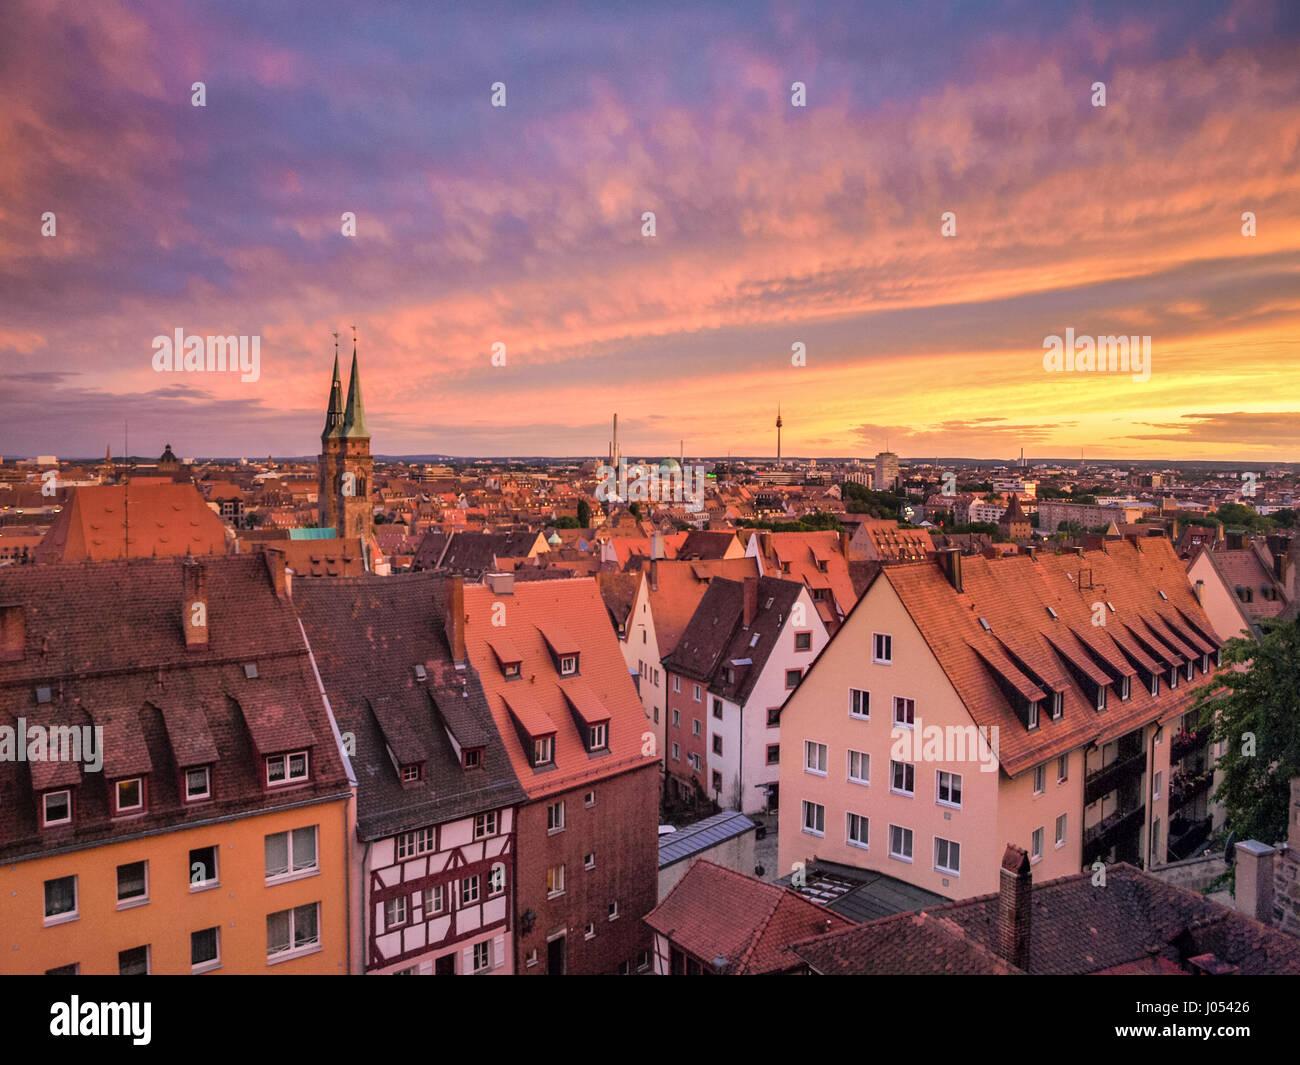 Panoramablick auf die Altstadt von Nürnberg beleuchtet in schönen goldenen Abendlicht mit dramatische Stockbild